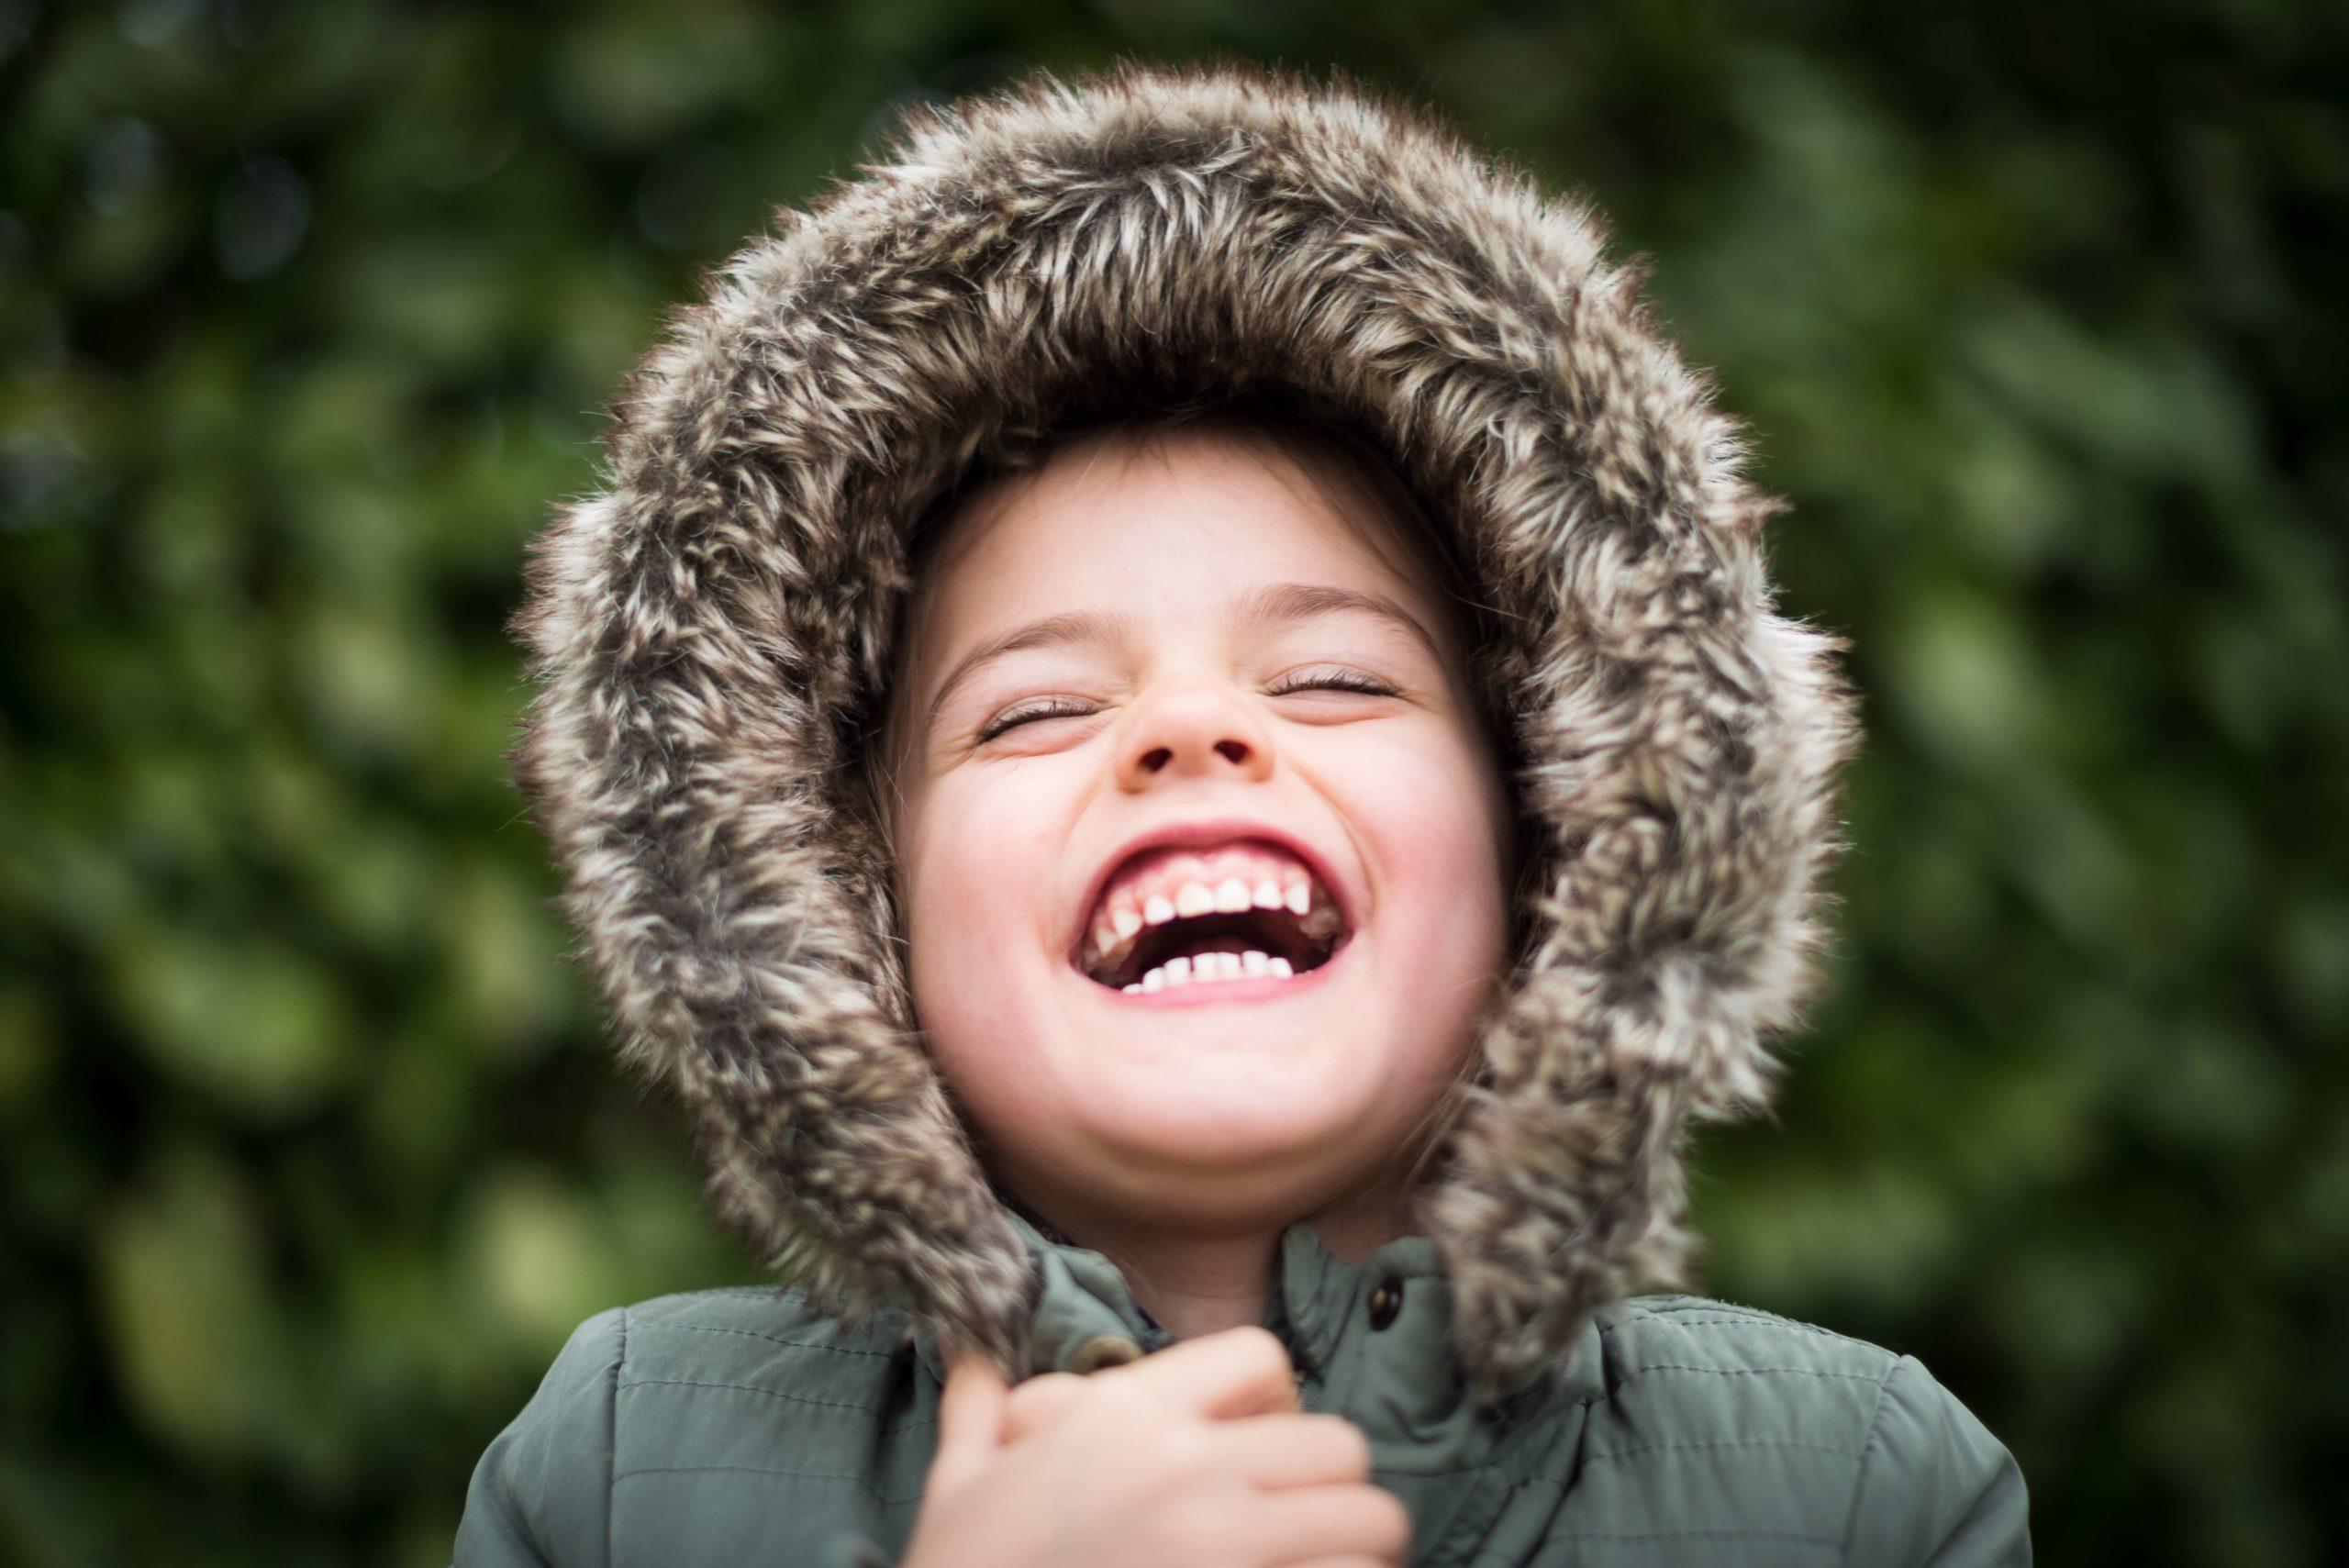 enfant hypersensible heureux qui sourrit